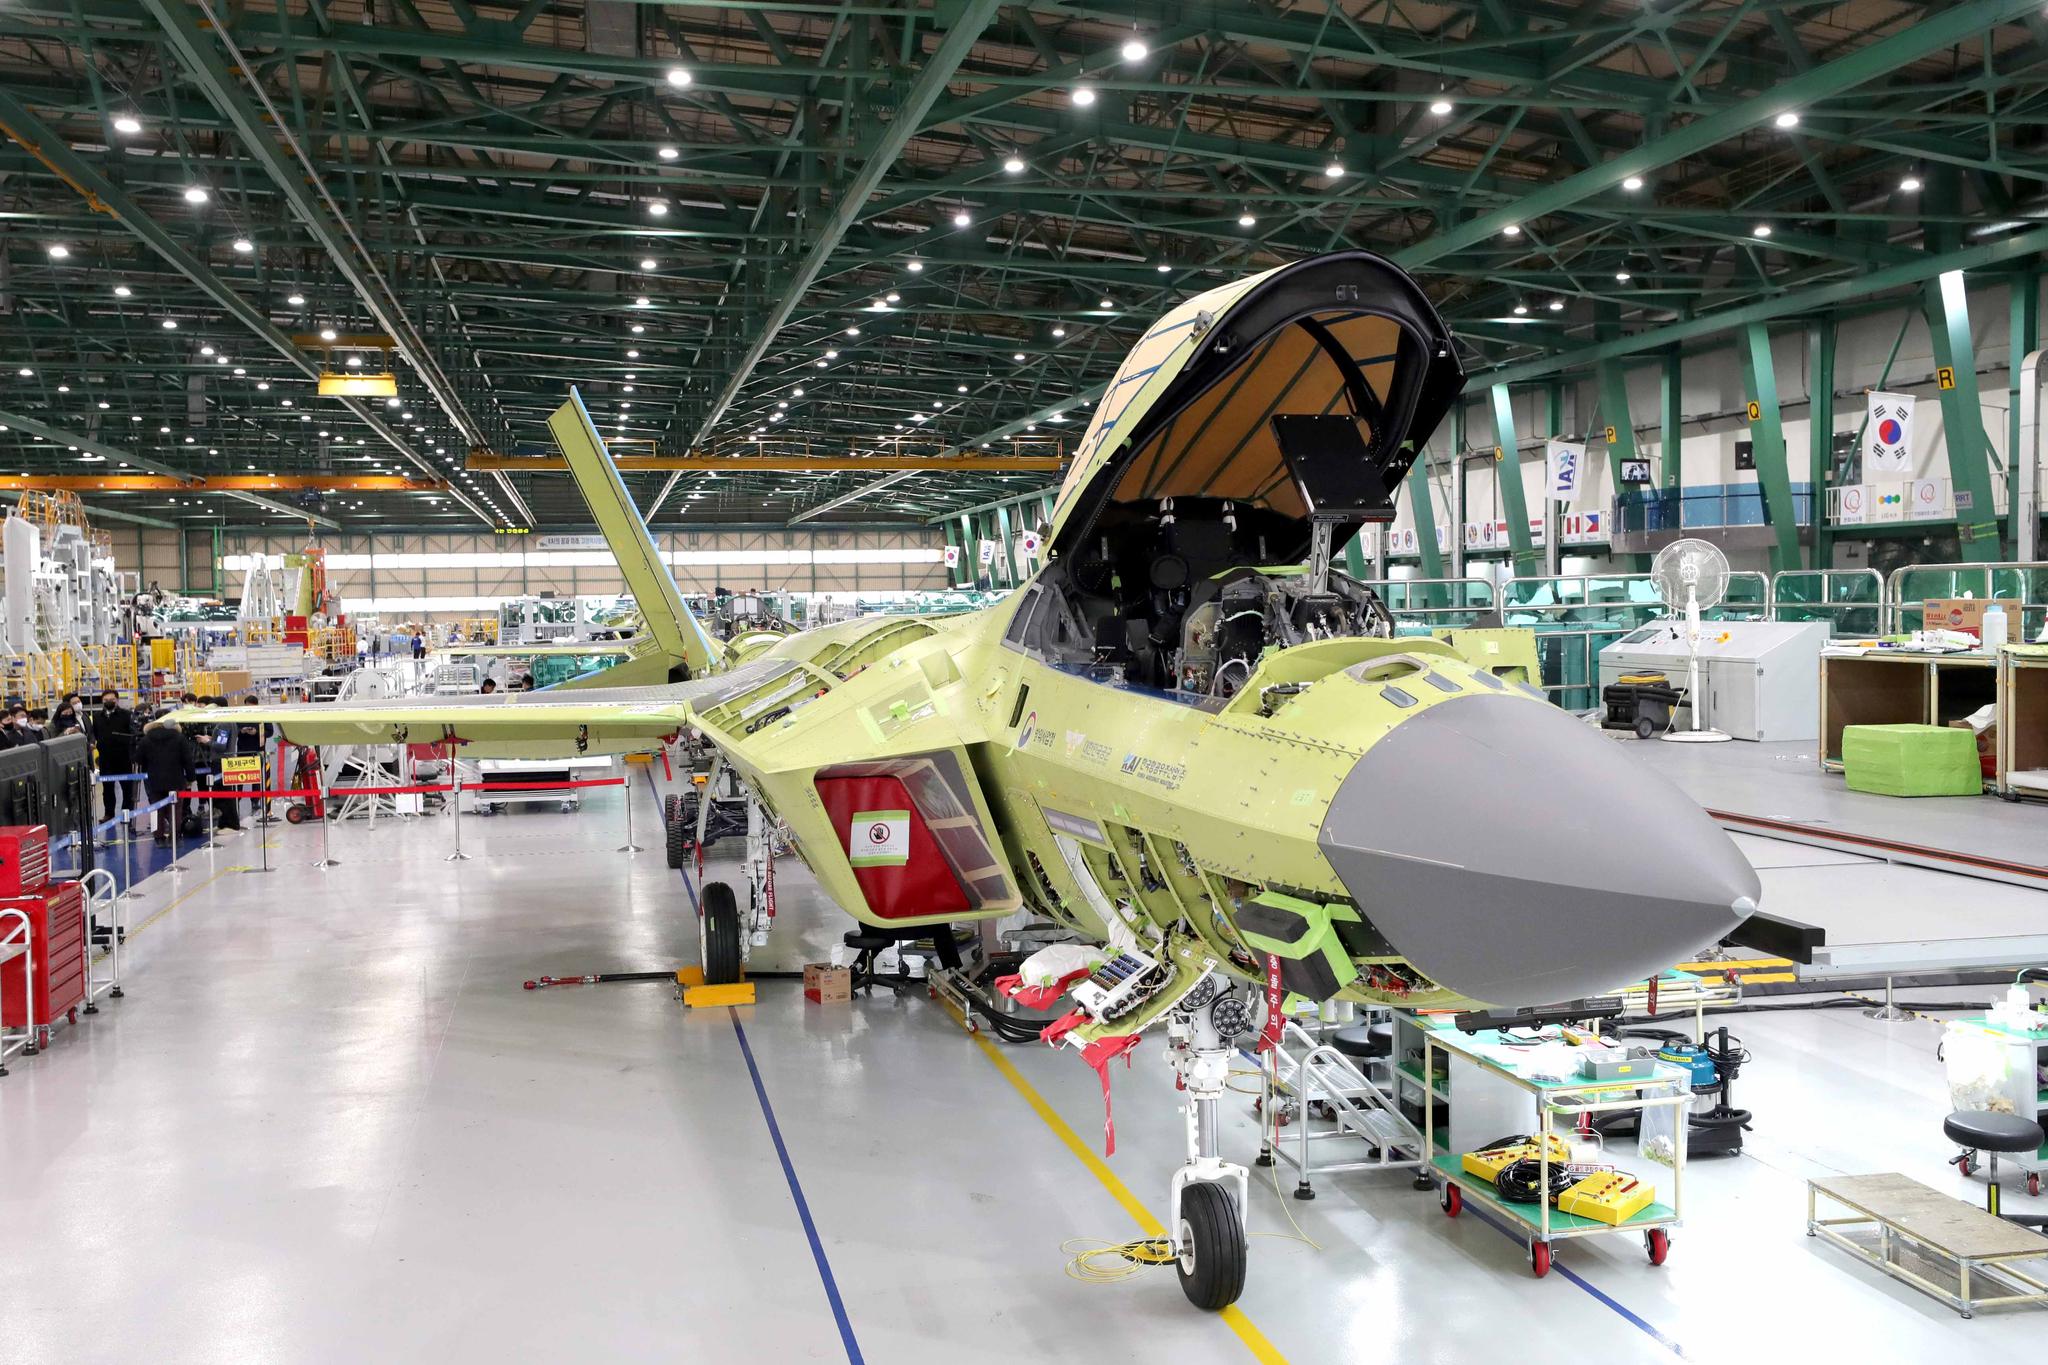 지난 24일 경남 사천 한국항공우주산업(KAI) 공장에서 오는 4월 출고할 한국형 차세대 전투기(KF-X) 시제기를 처음 공개했다. 도장만 하지 않은 완전한 형태다. [사진 국방일보]